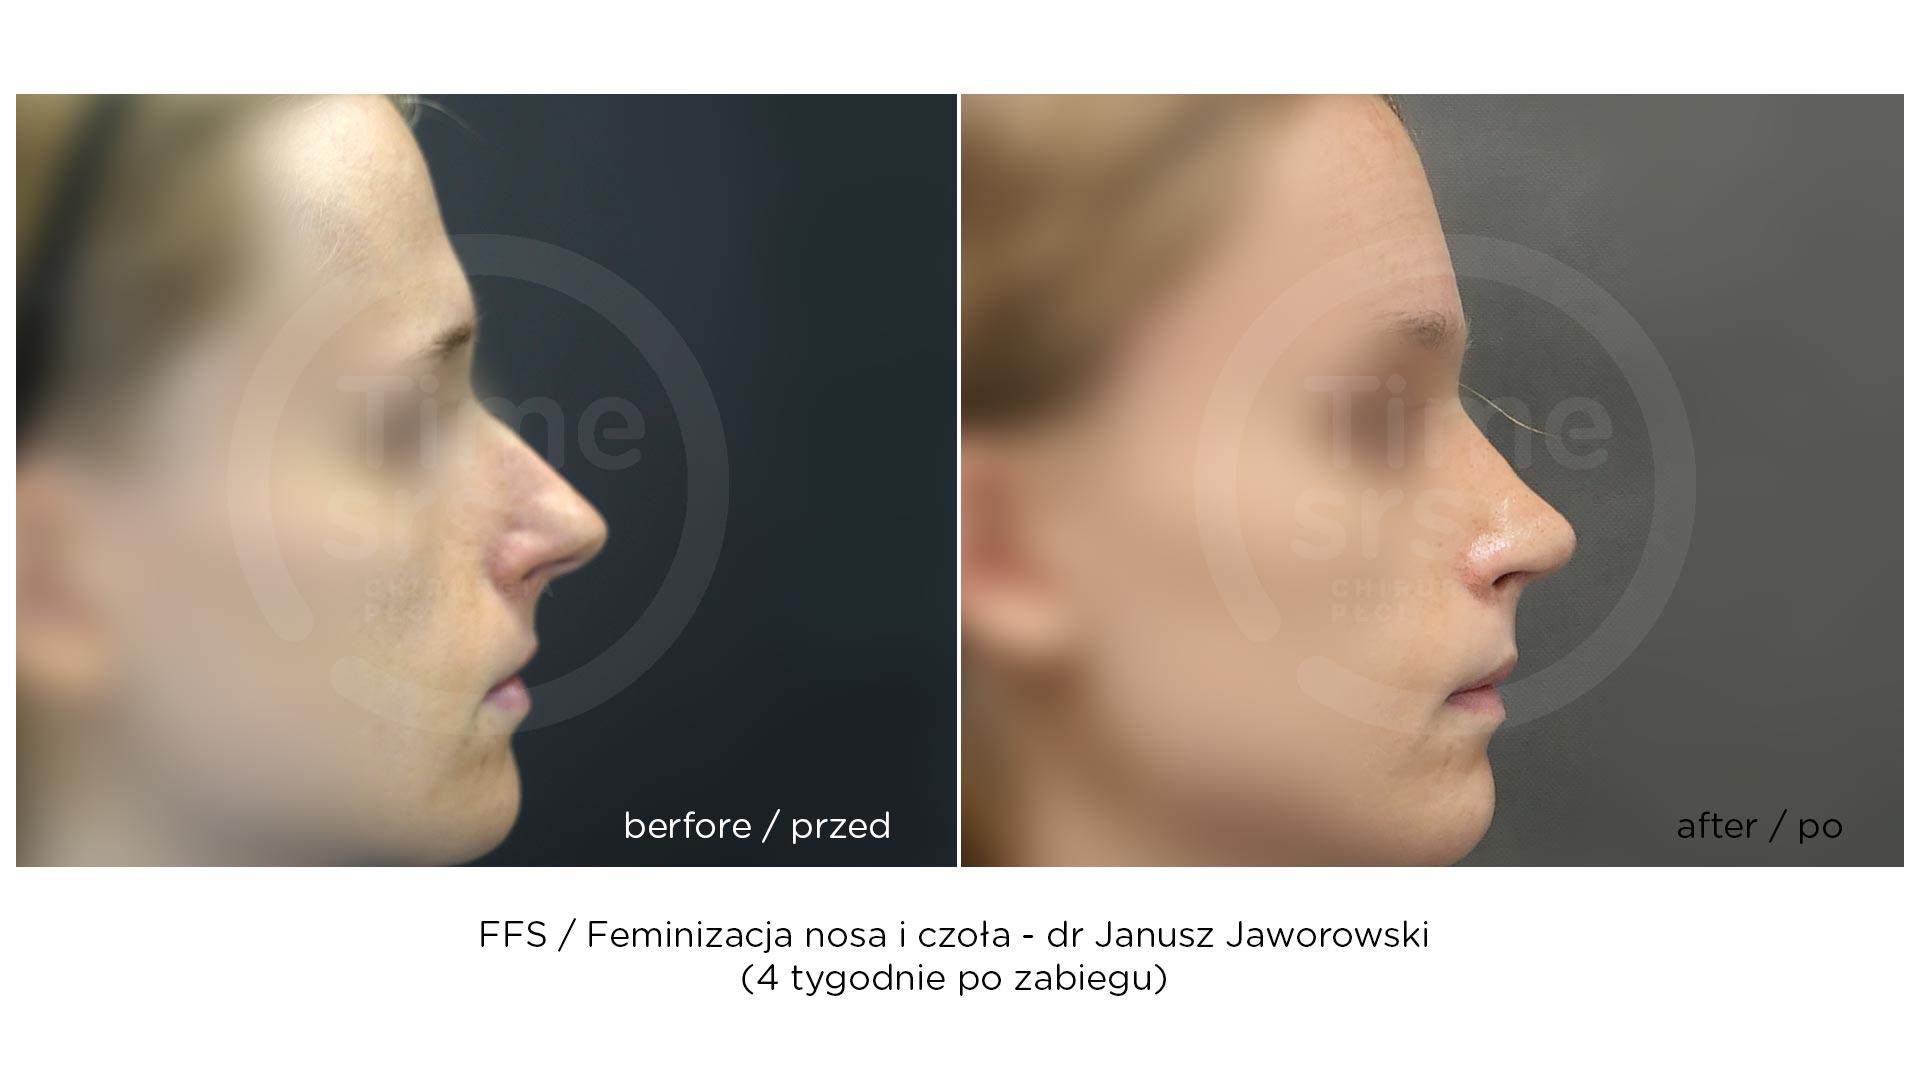 FFS_przed-po_chirurgiaplci-202011